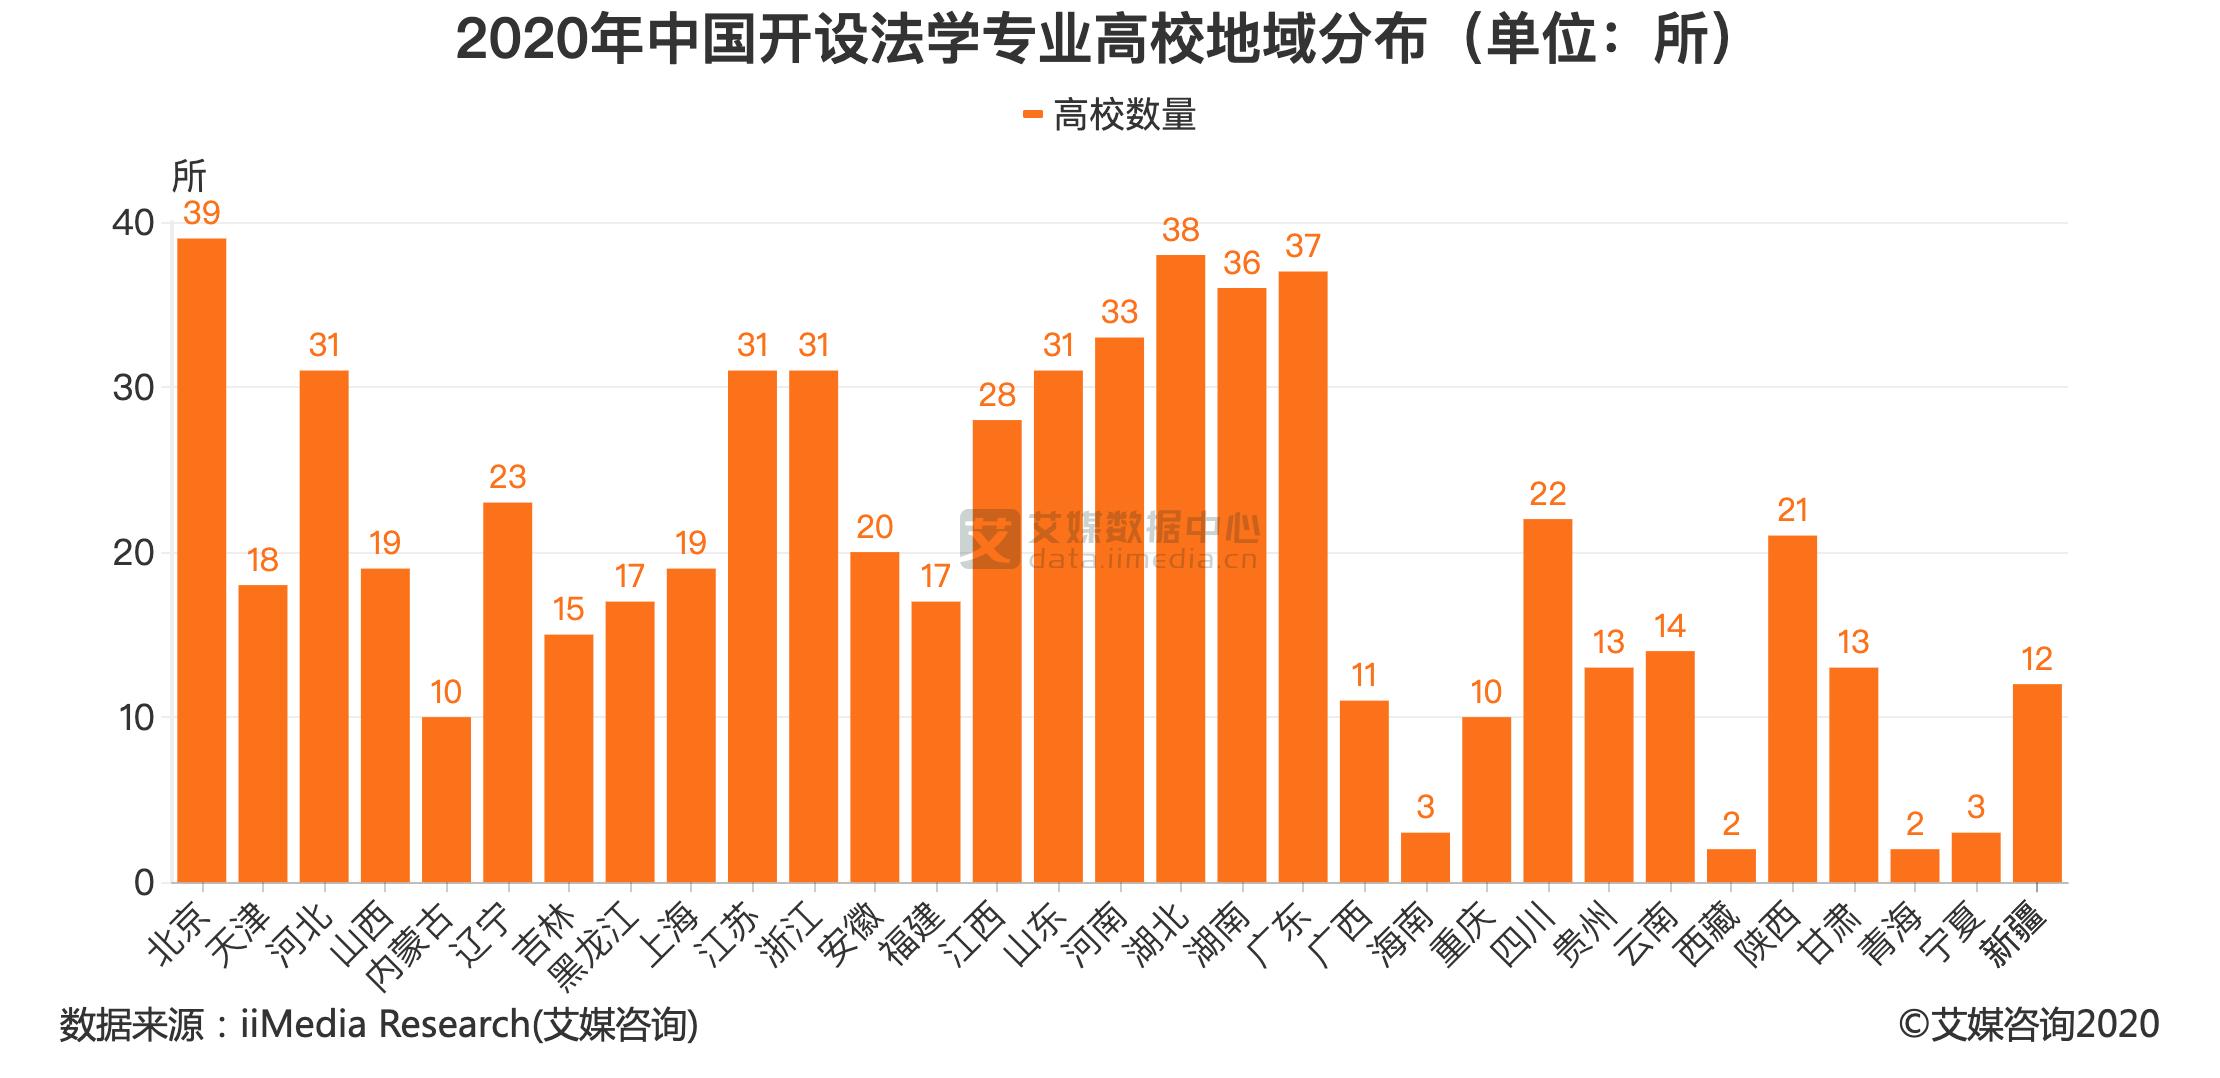 2020年中国开设法学专业高校地域分布(单位:所)